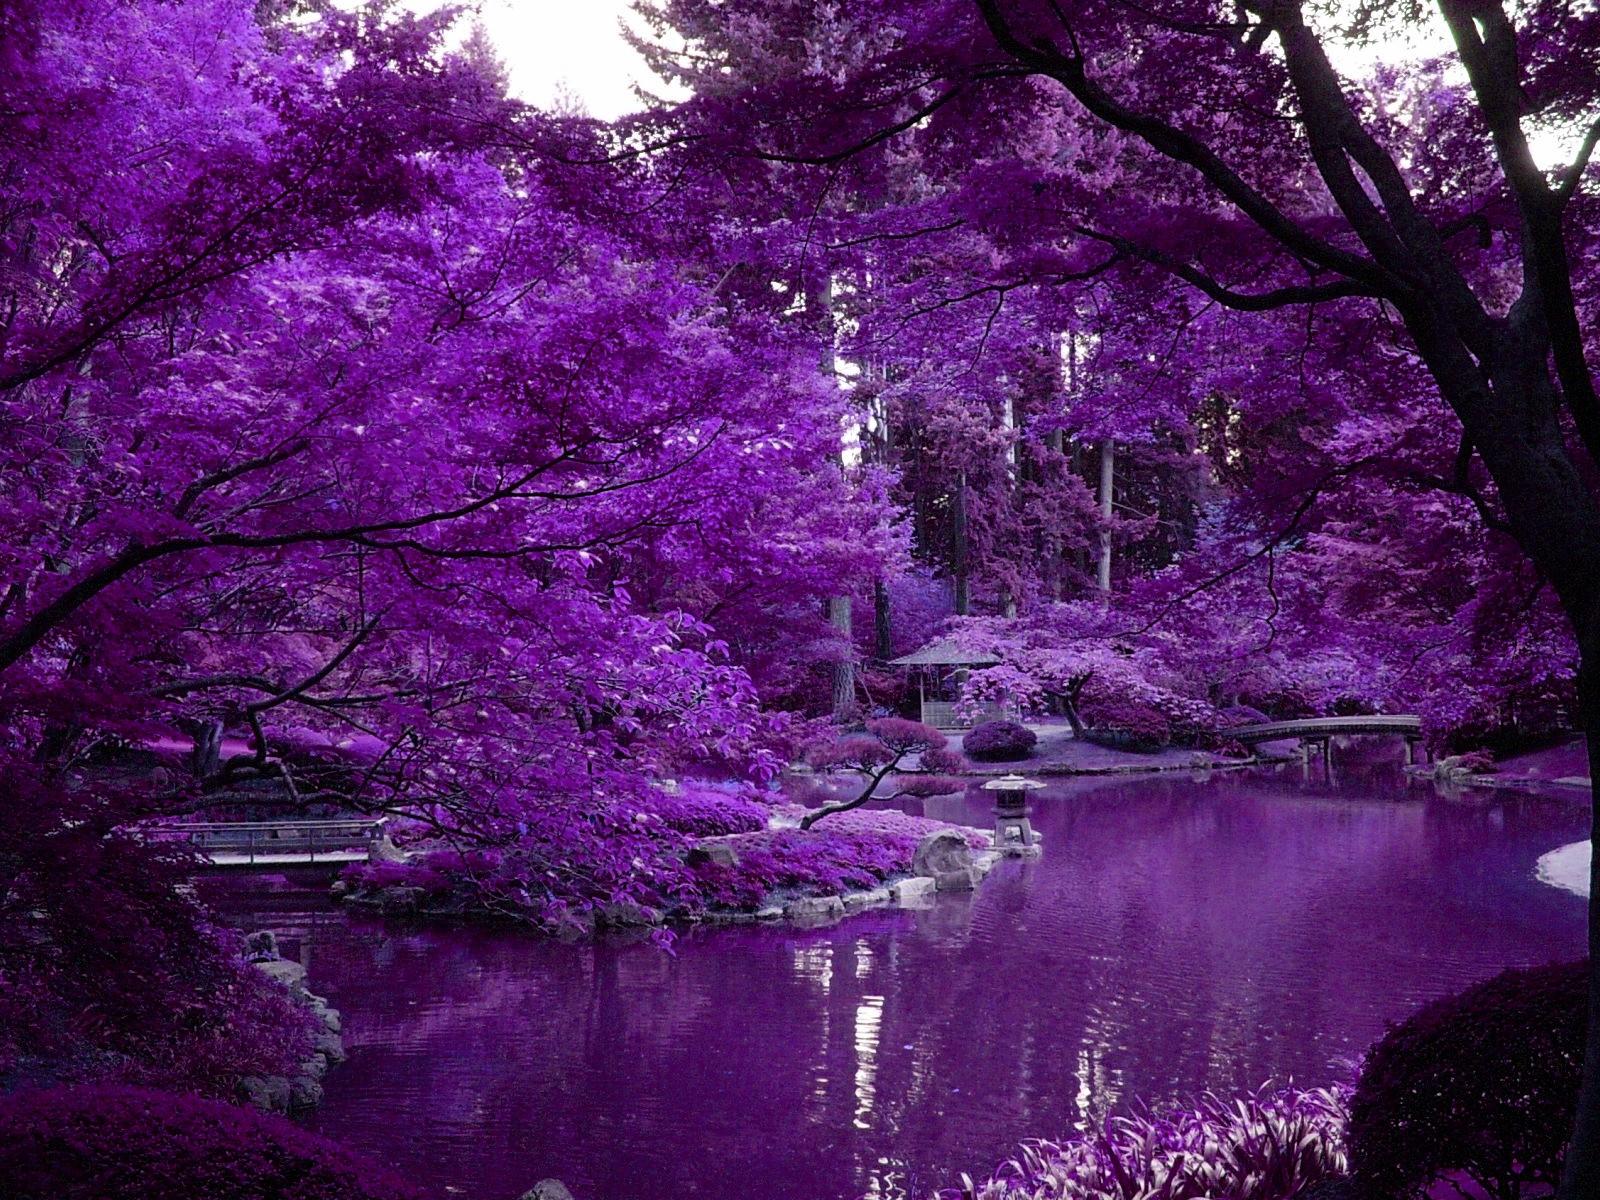 Thread Purple Scenery With Zen Pond In Japanese Garden 1600x1200